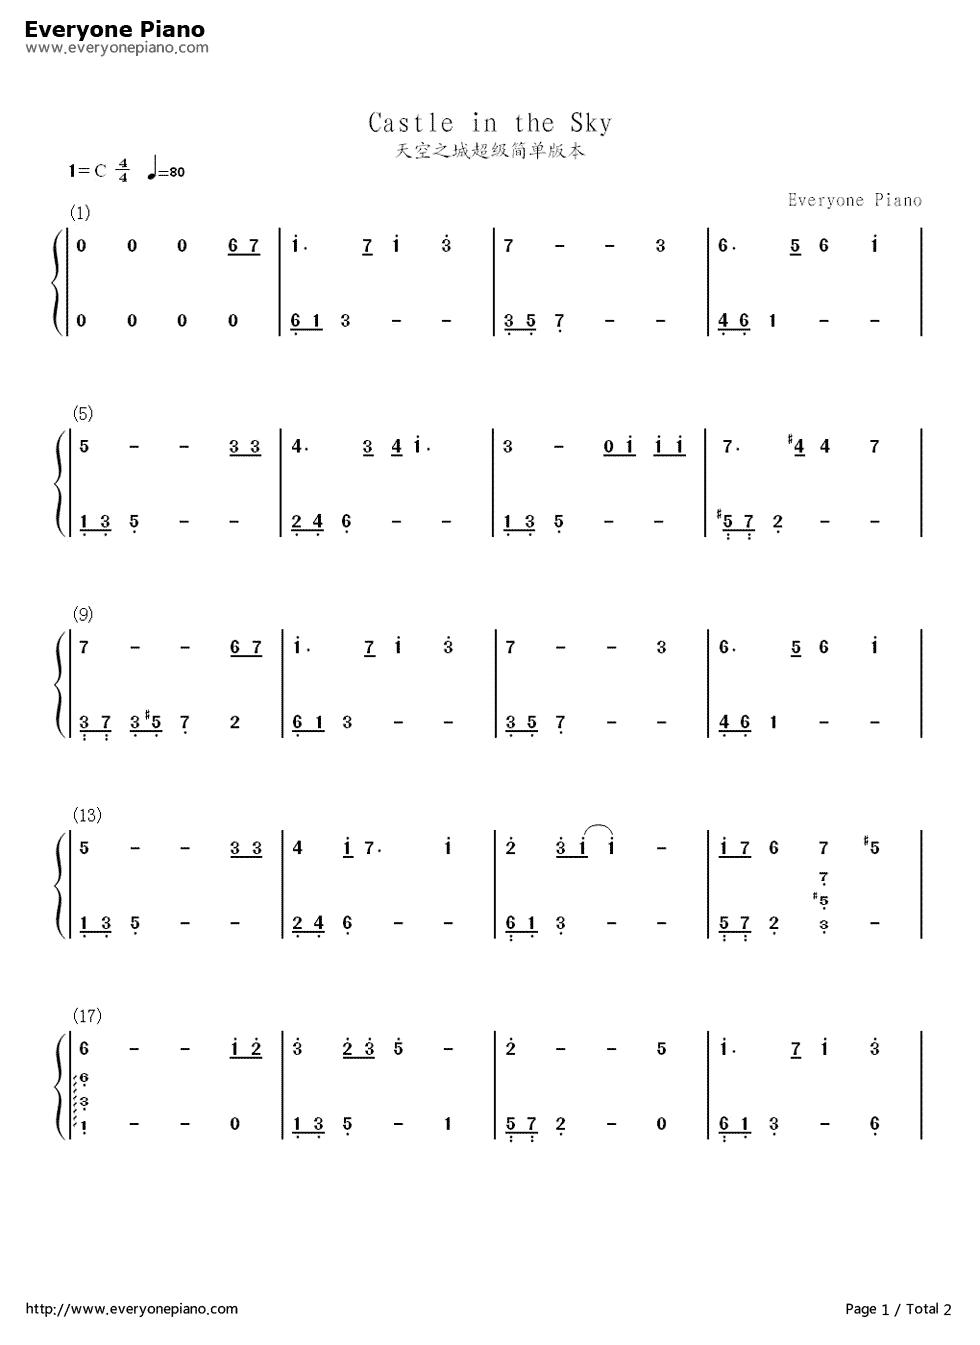 跪求,《天空之城》钢琴谱简单版简谱!急需!请求速解决图片